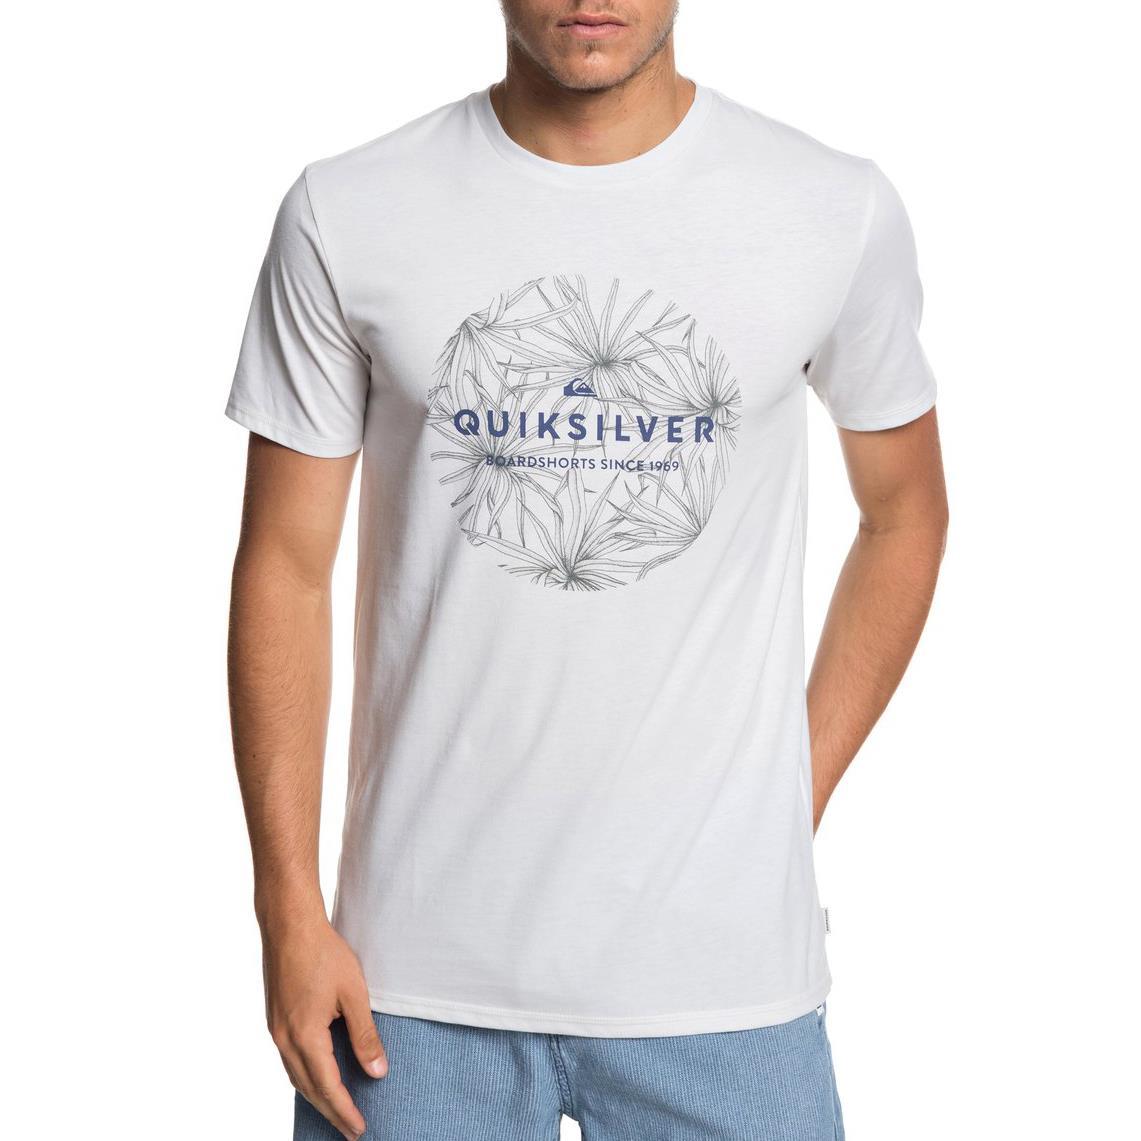 Quiksilver ClassıcBobss M TEES Erkek T-Shirt QEQYZT05278